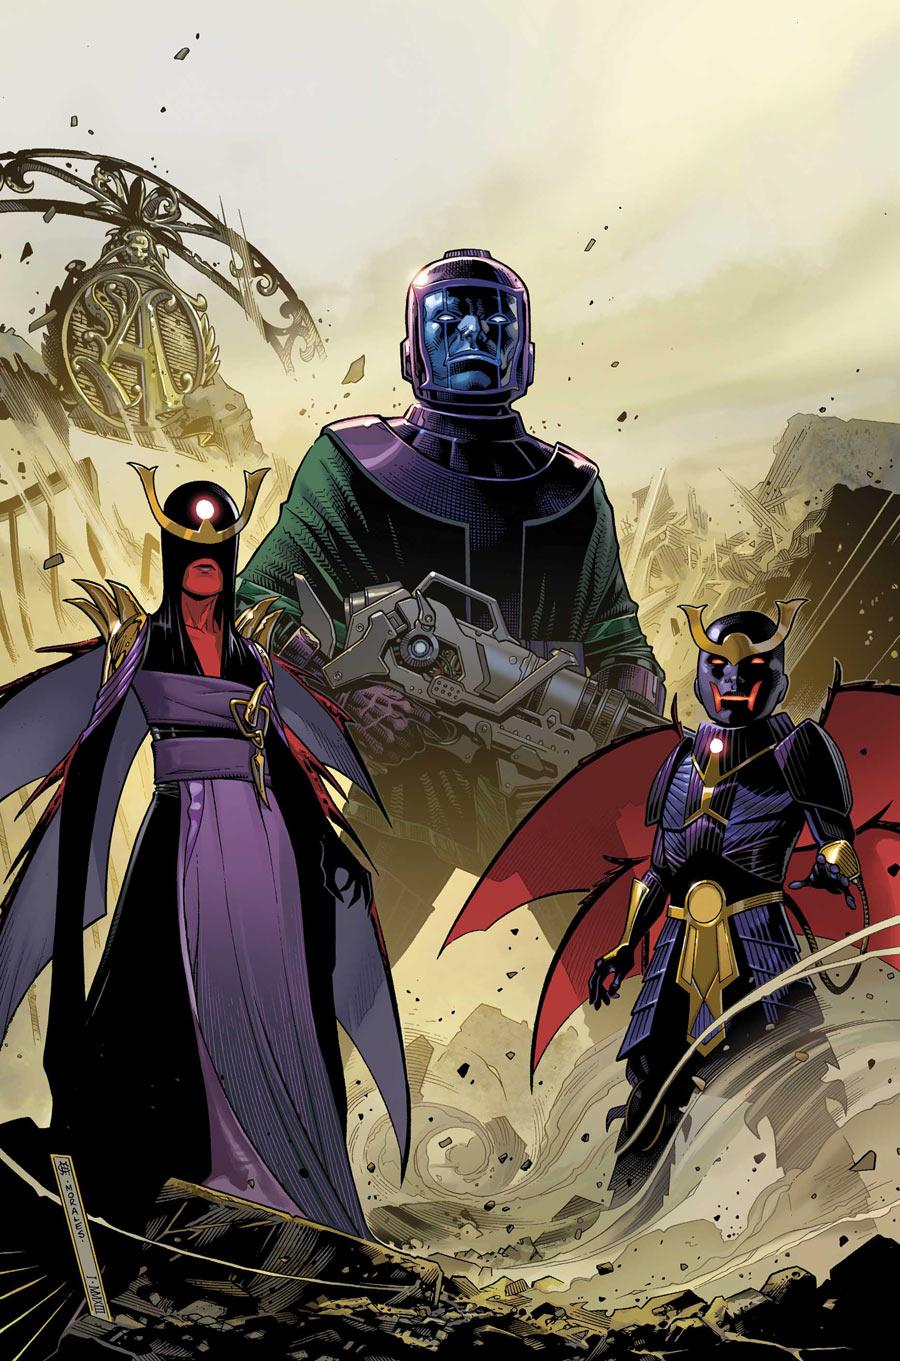 http://vignette1.wikia.nocookie.net/avengersvsxmen/images/d/d9/Uncanny_Avengers_Vol_1_8AU_Textless.jpg/revision/latest?cb=20130530220243